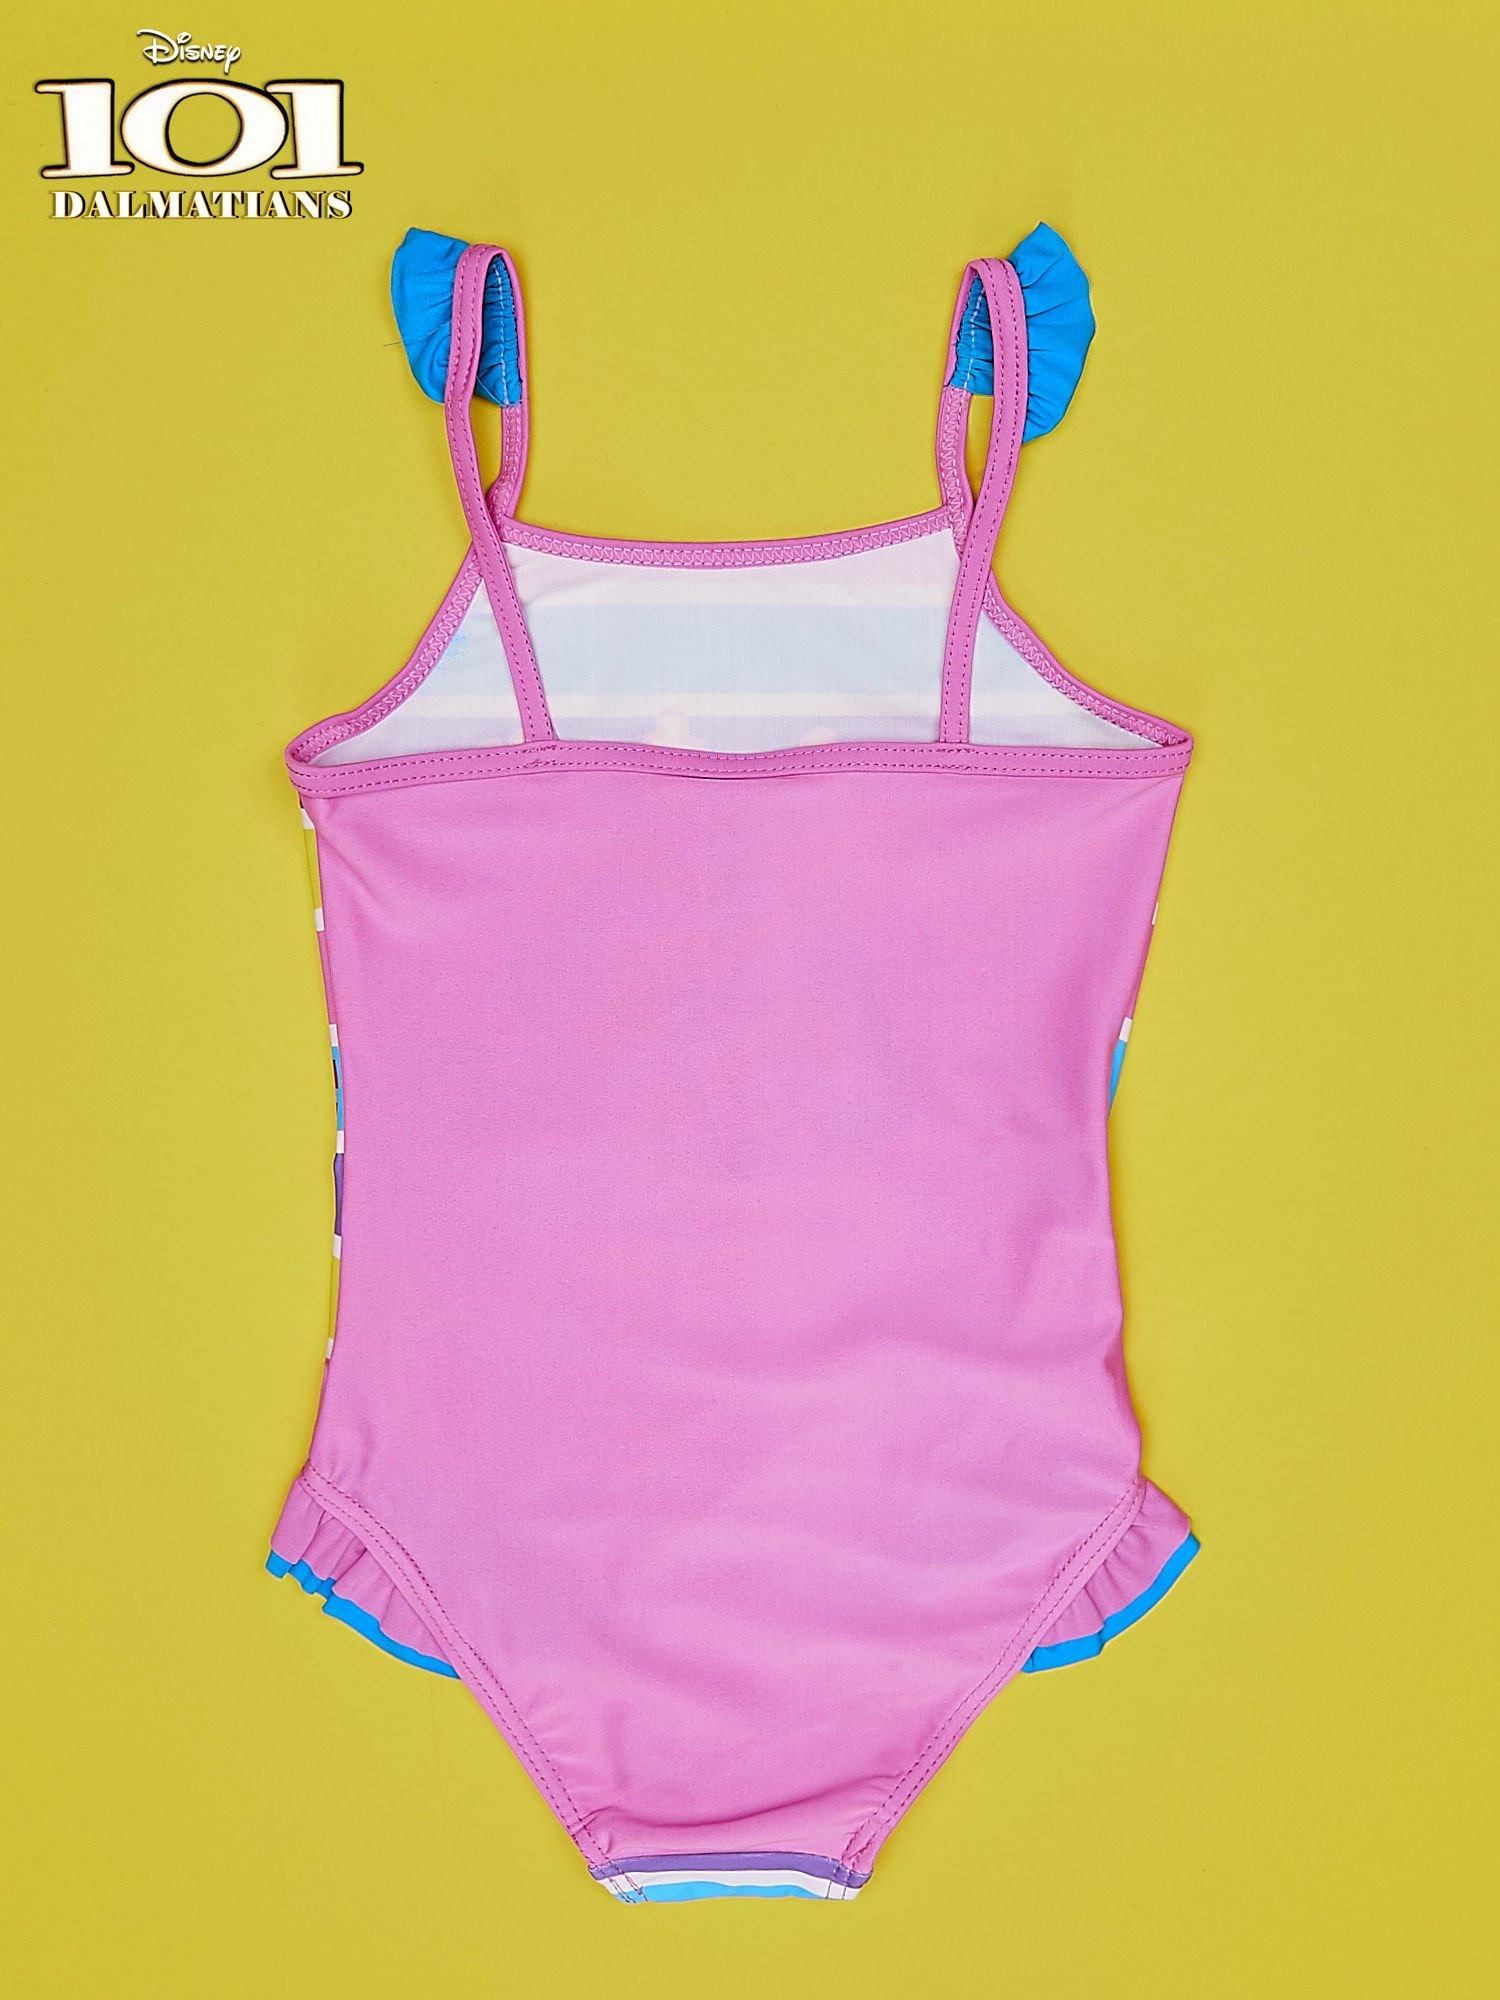 Różowy strój kąpielowy dla dziewczynki 101 DALMATYŃCZYKÓW                                  zdj.                                  2